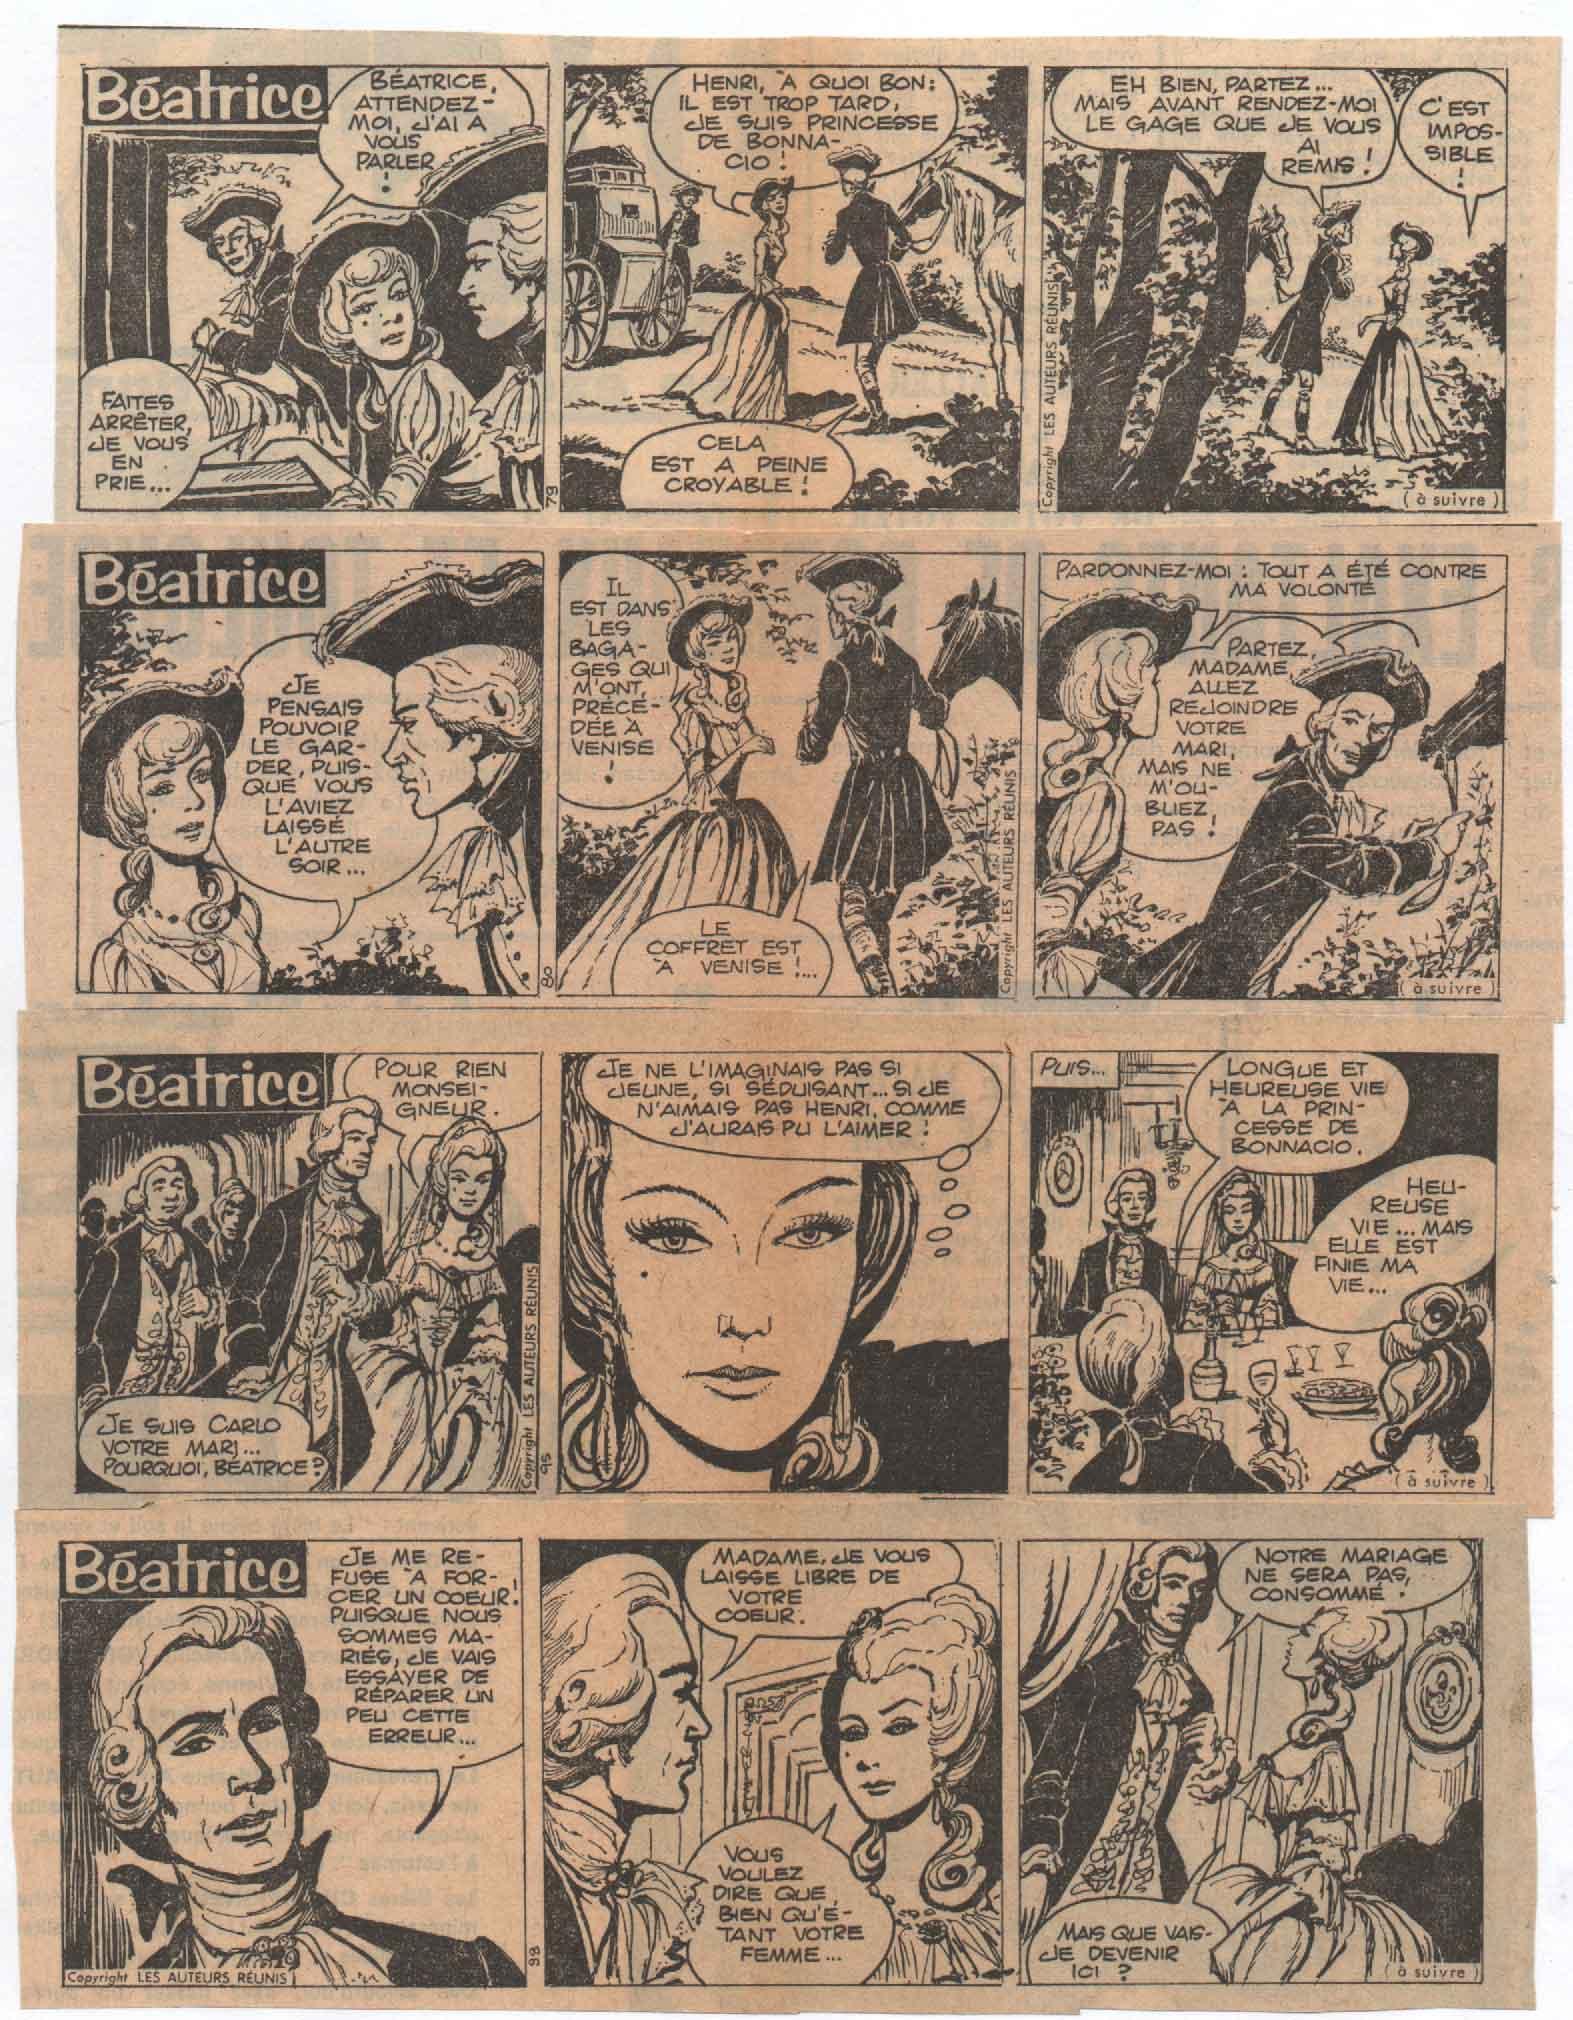 « Béatrice » Les Auteurs réunis (1965).